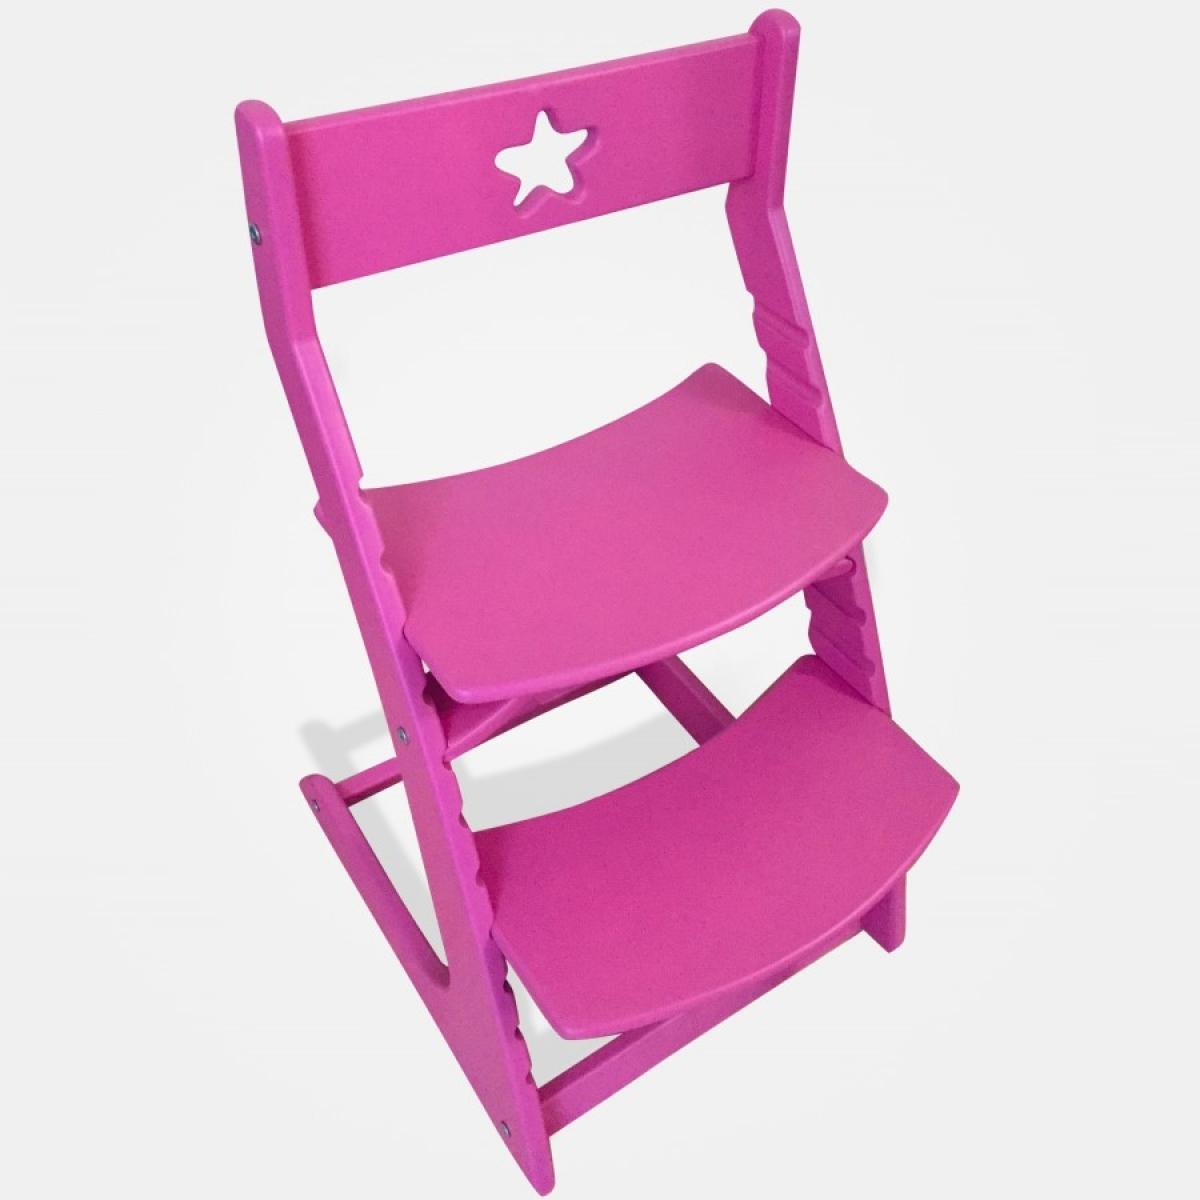 Детский растущий регулируемый стул Ростик/Rostik (розовый)